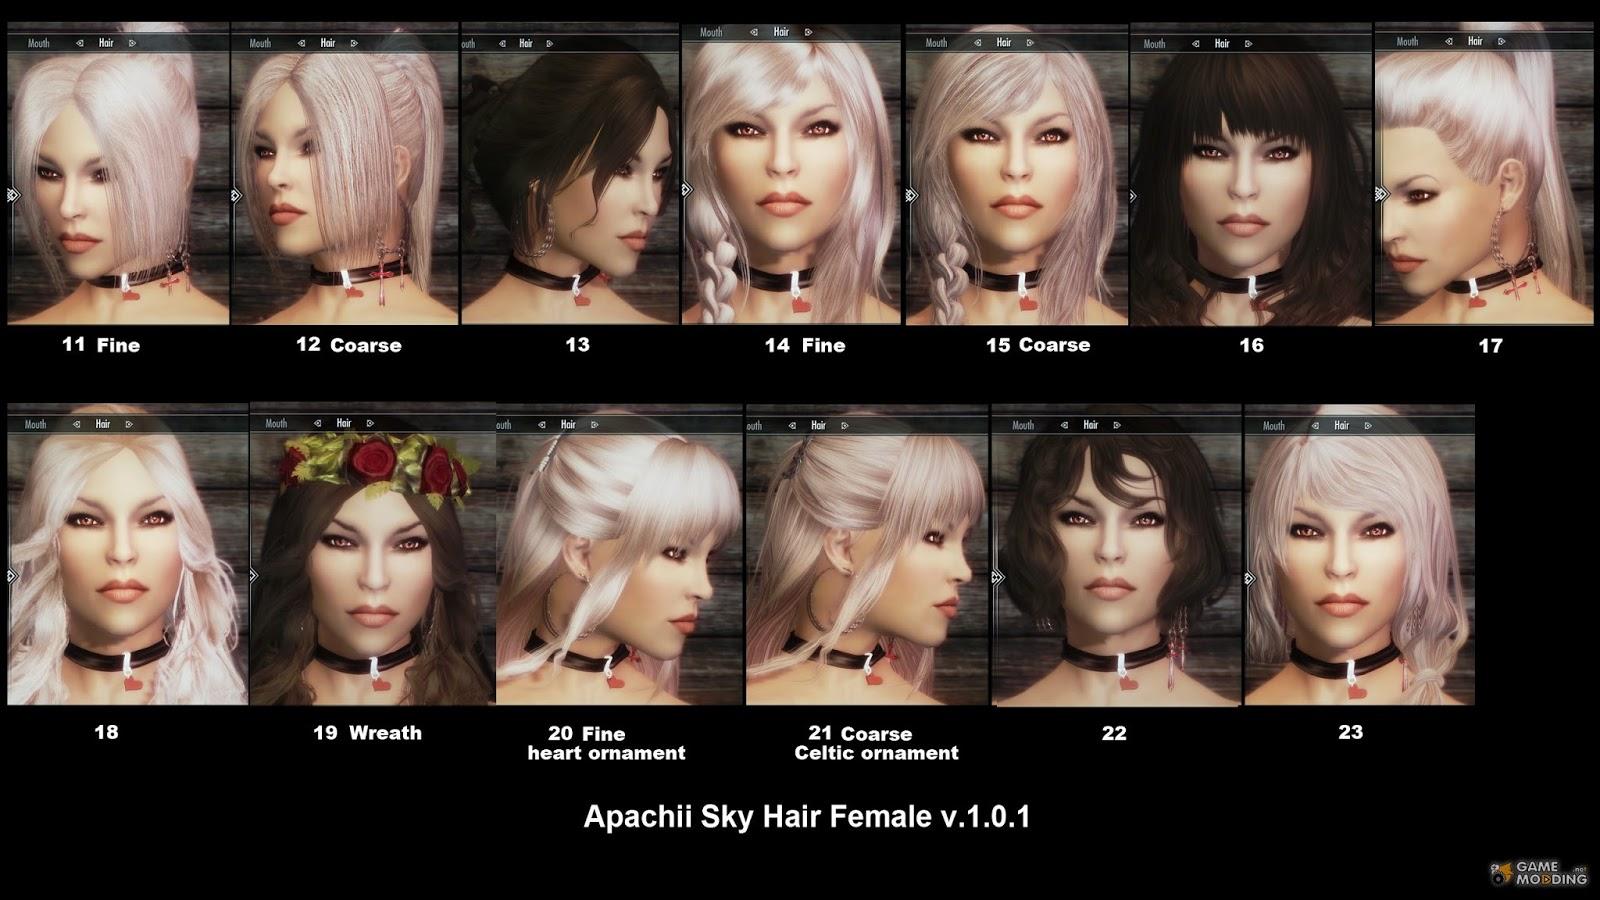 Skyrim apachii hair